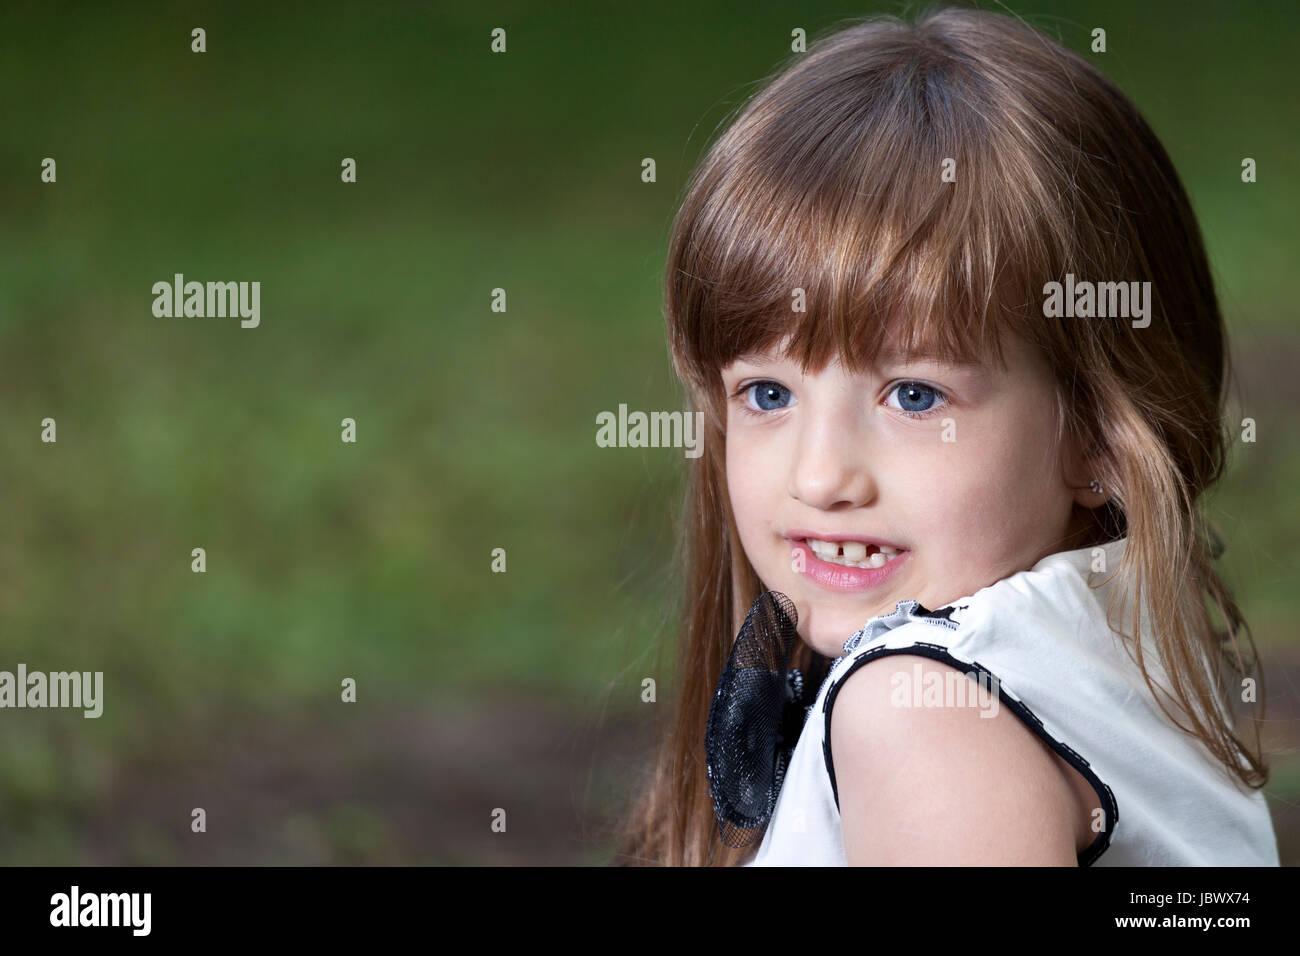 Retrato de una linda niña con grandes ojos azules en el parque Imagen De  Stock d4ae7b9f472